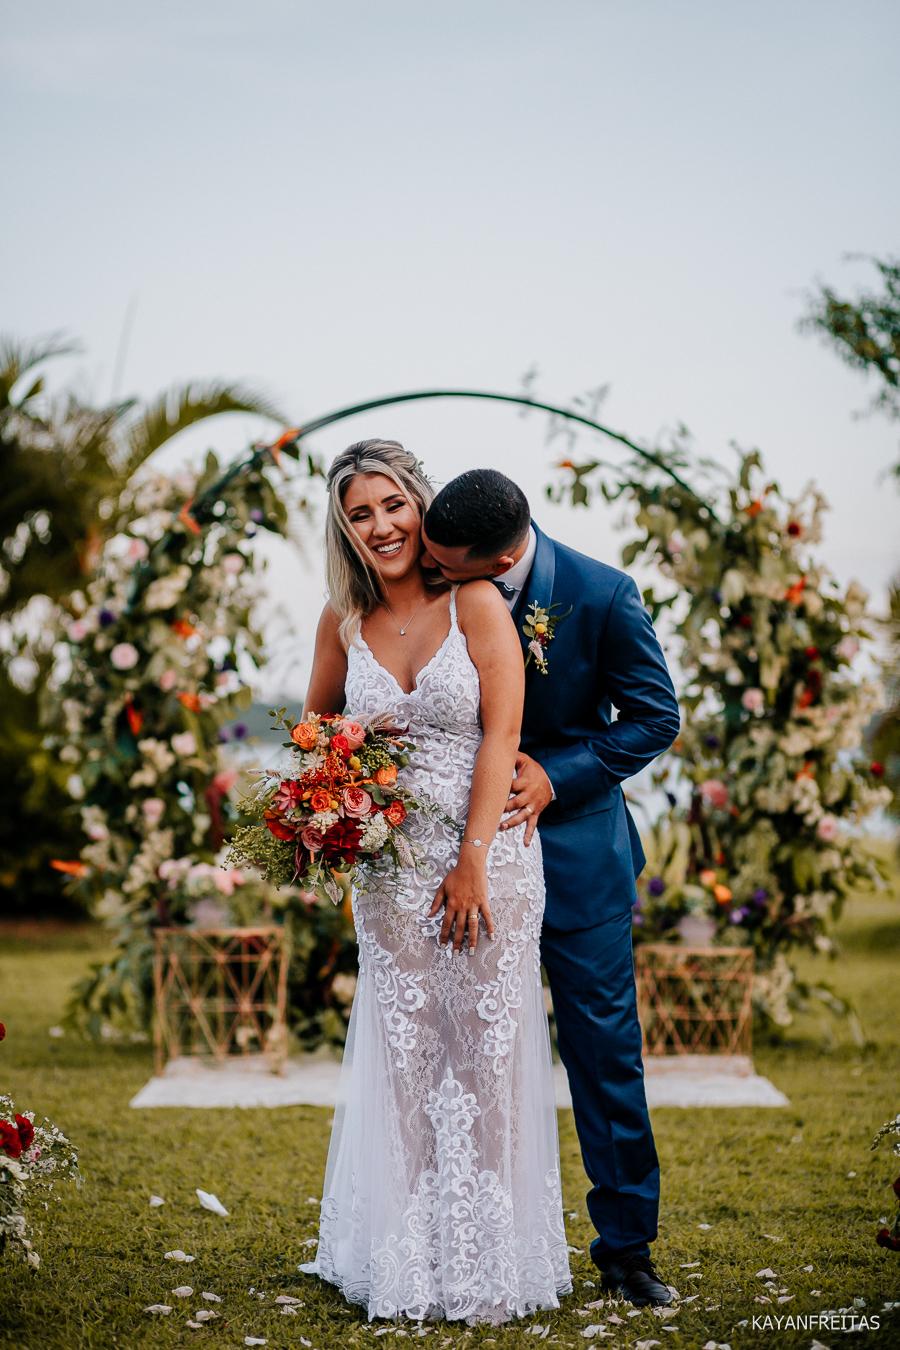 casamentodedia-lic-floripa-0104 Casamento de dia em Florianópolis - Pri e Guto